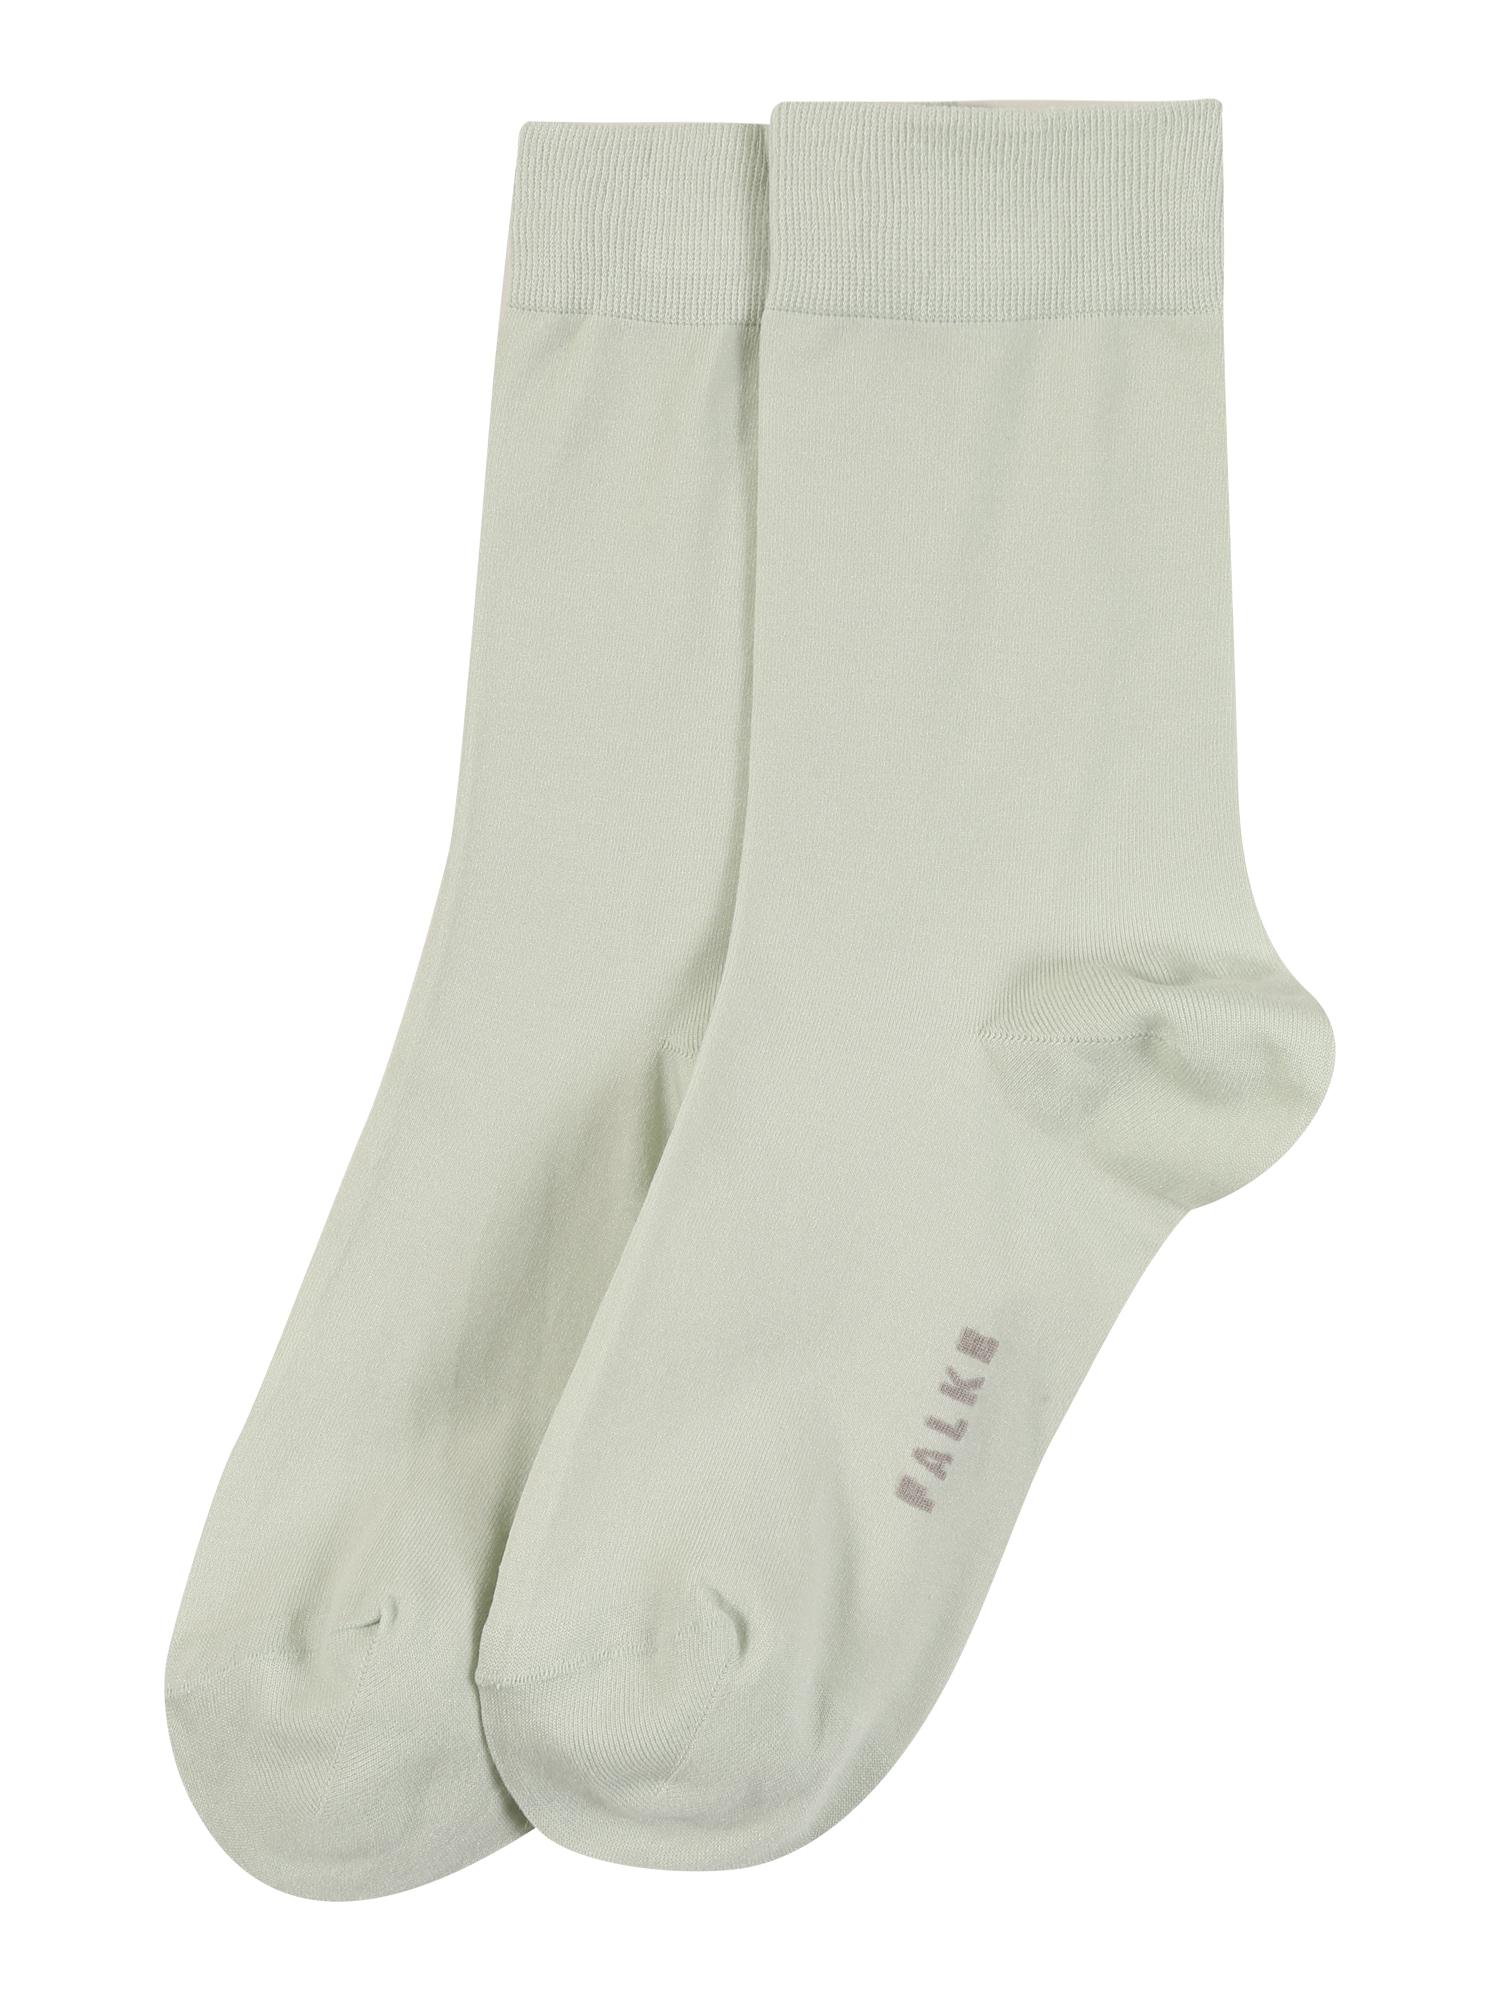 FALKE Kojinės 'Cotton Touch' šviesiai žalia